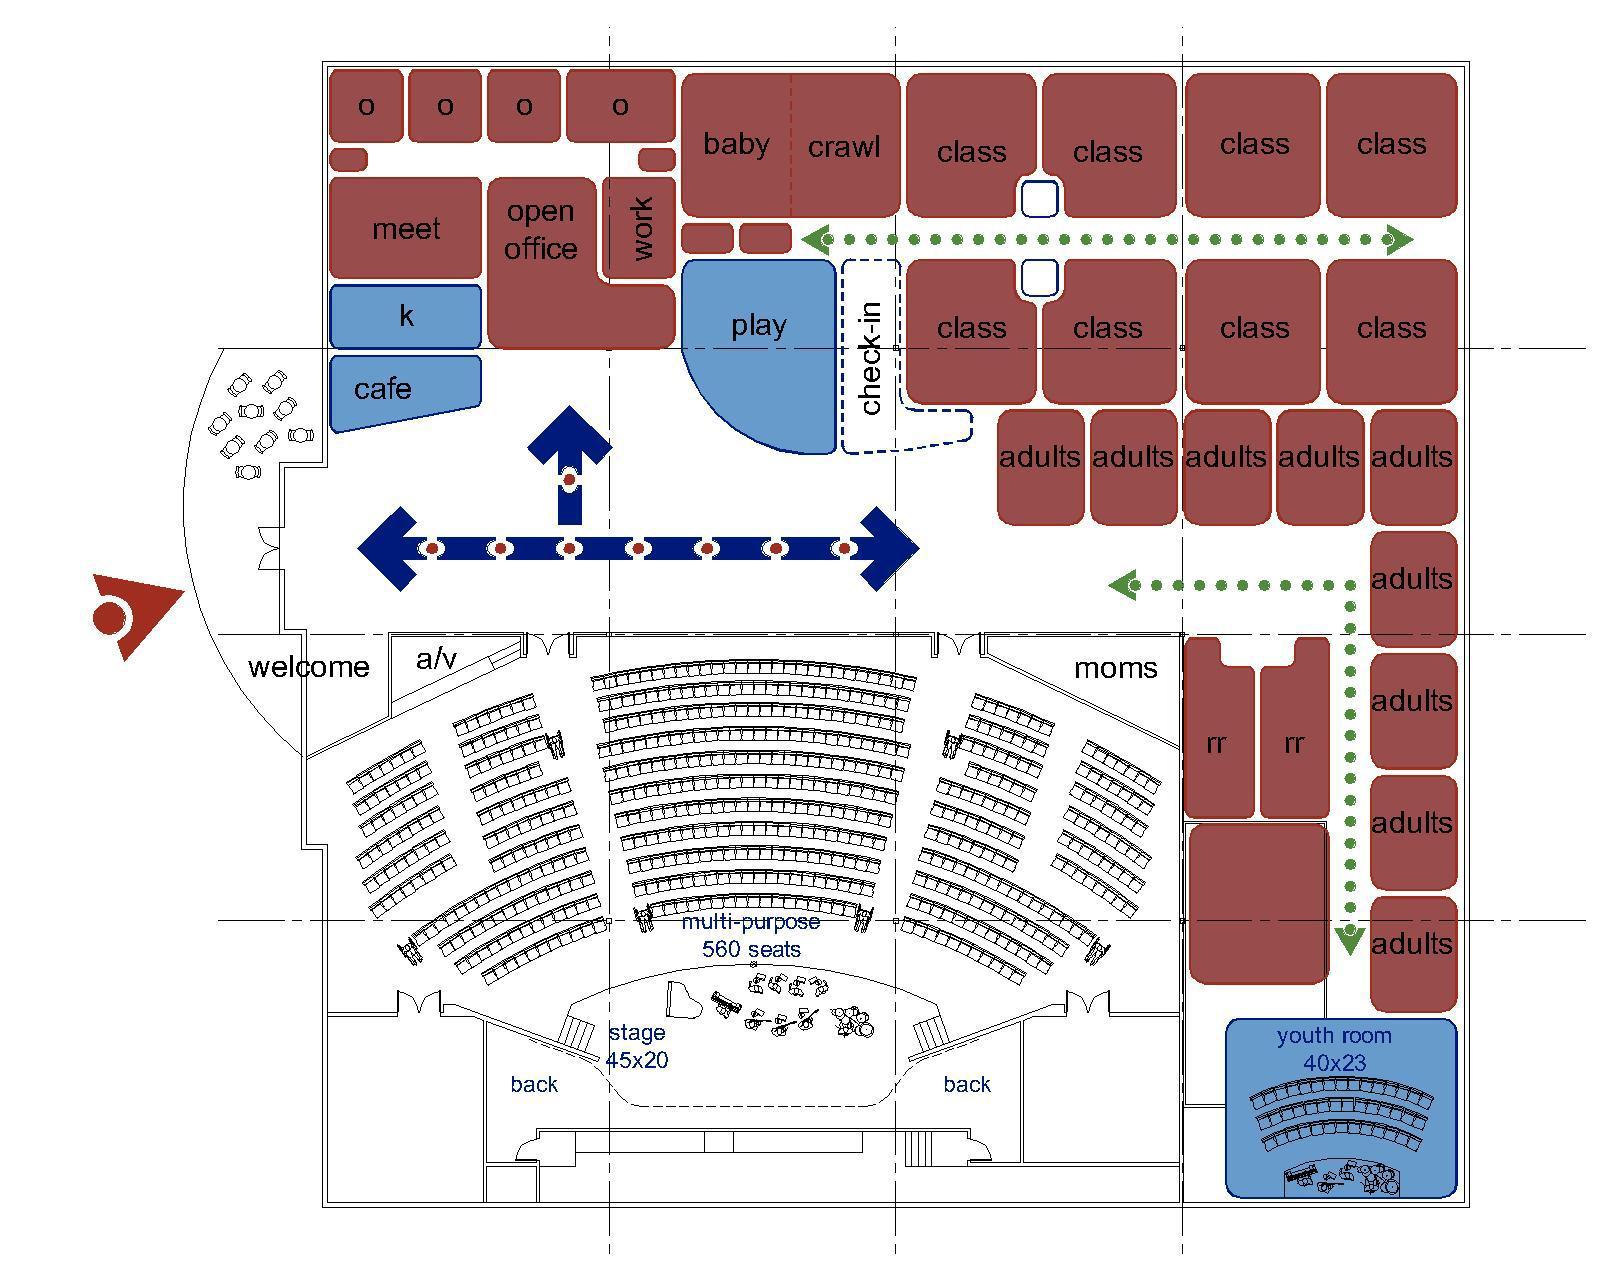 summit community church feasibility design study scheme 2.jpg